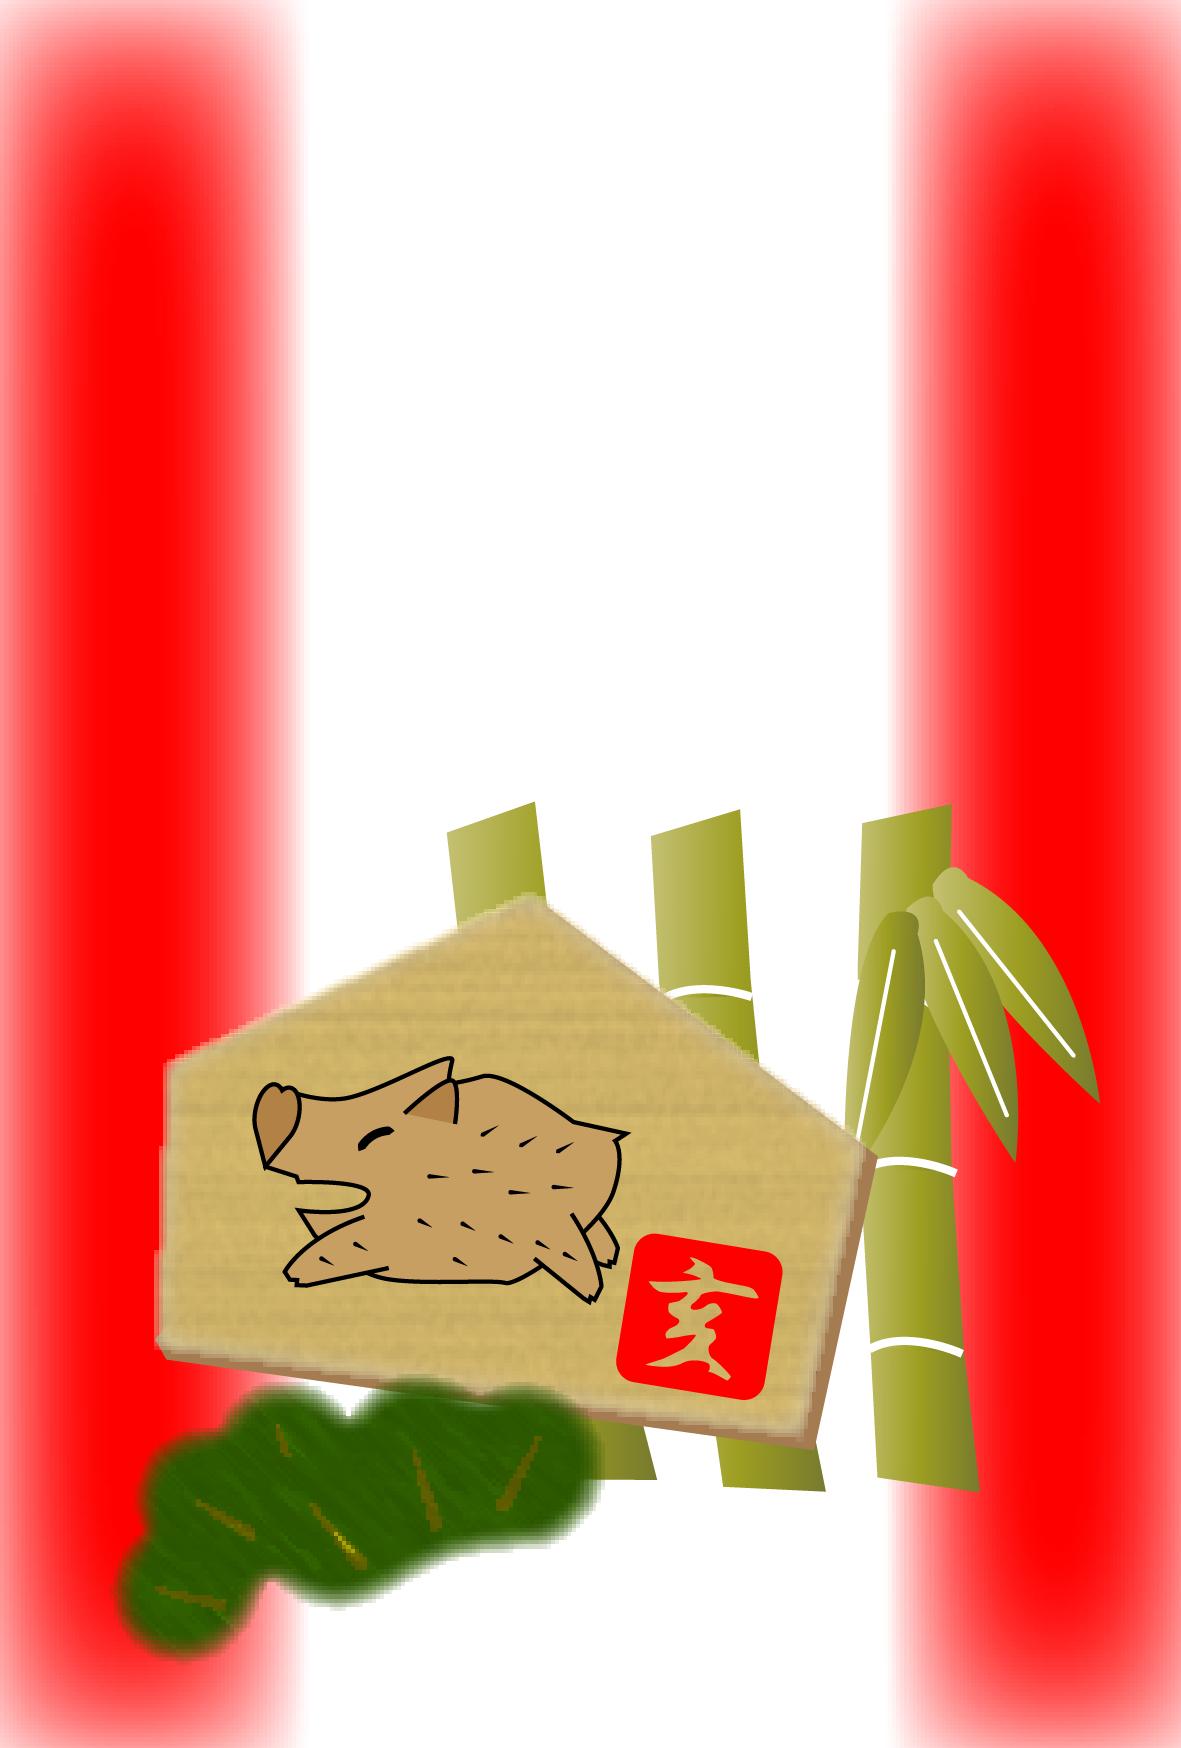 イノシシが描かれた絵馬と松竹のイラスト入り(文字なし)